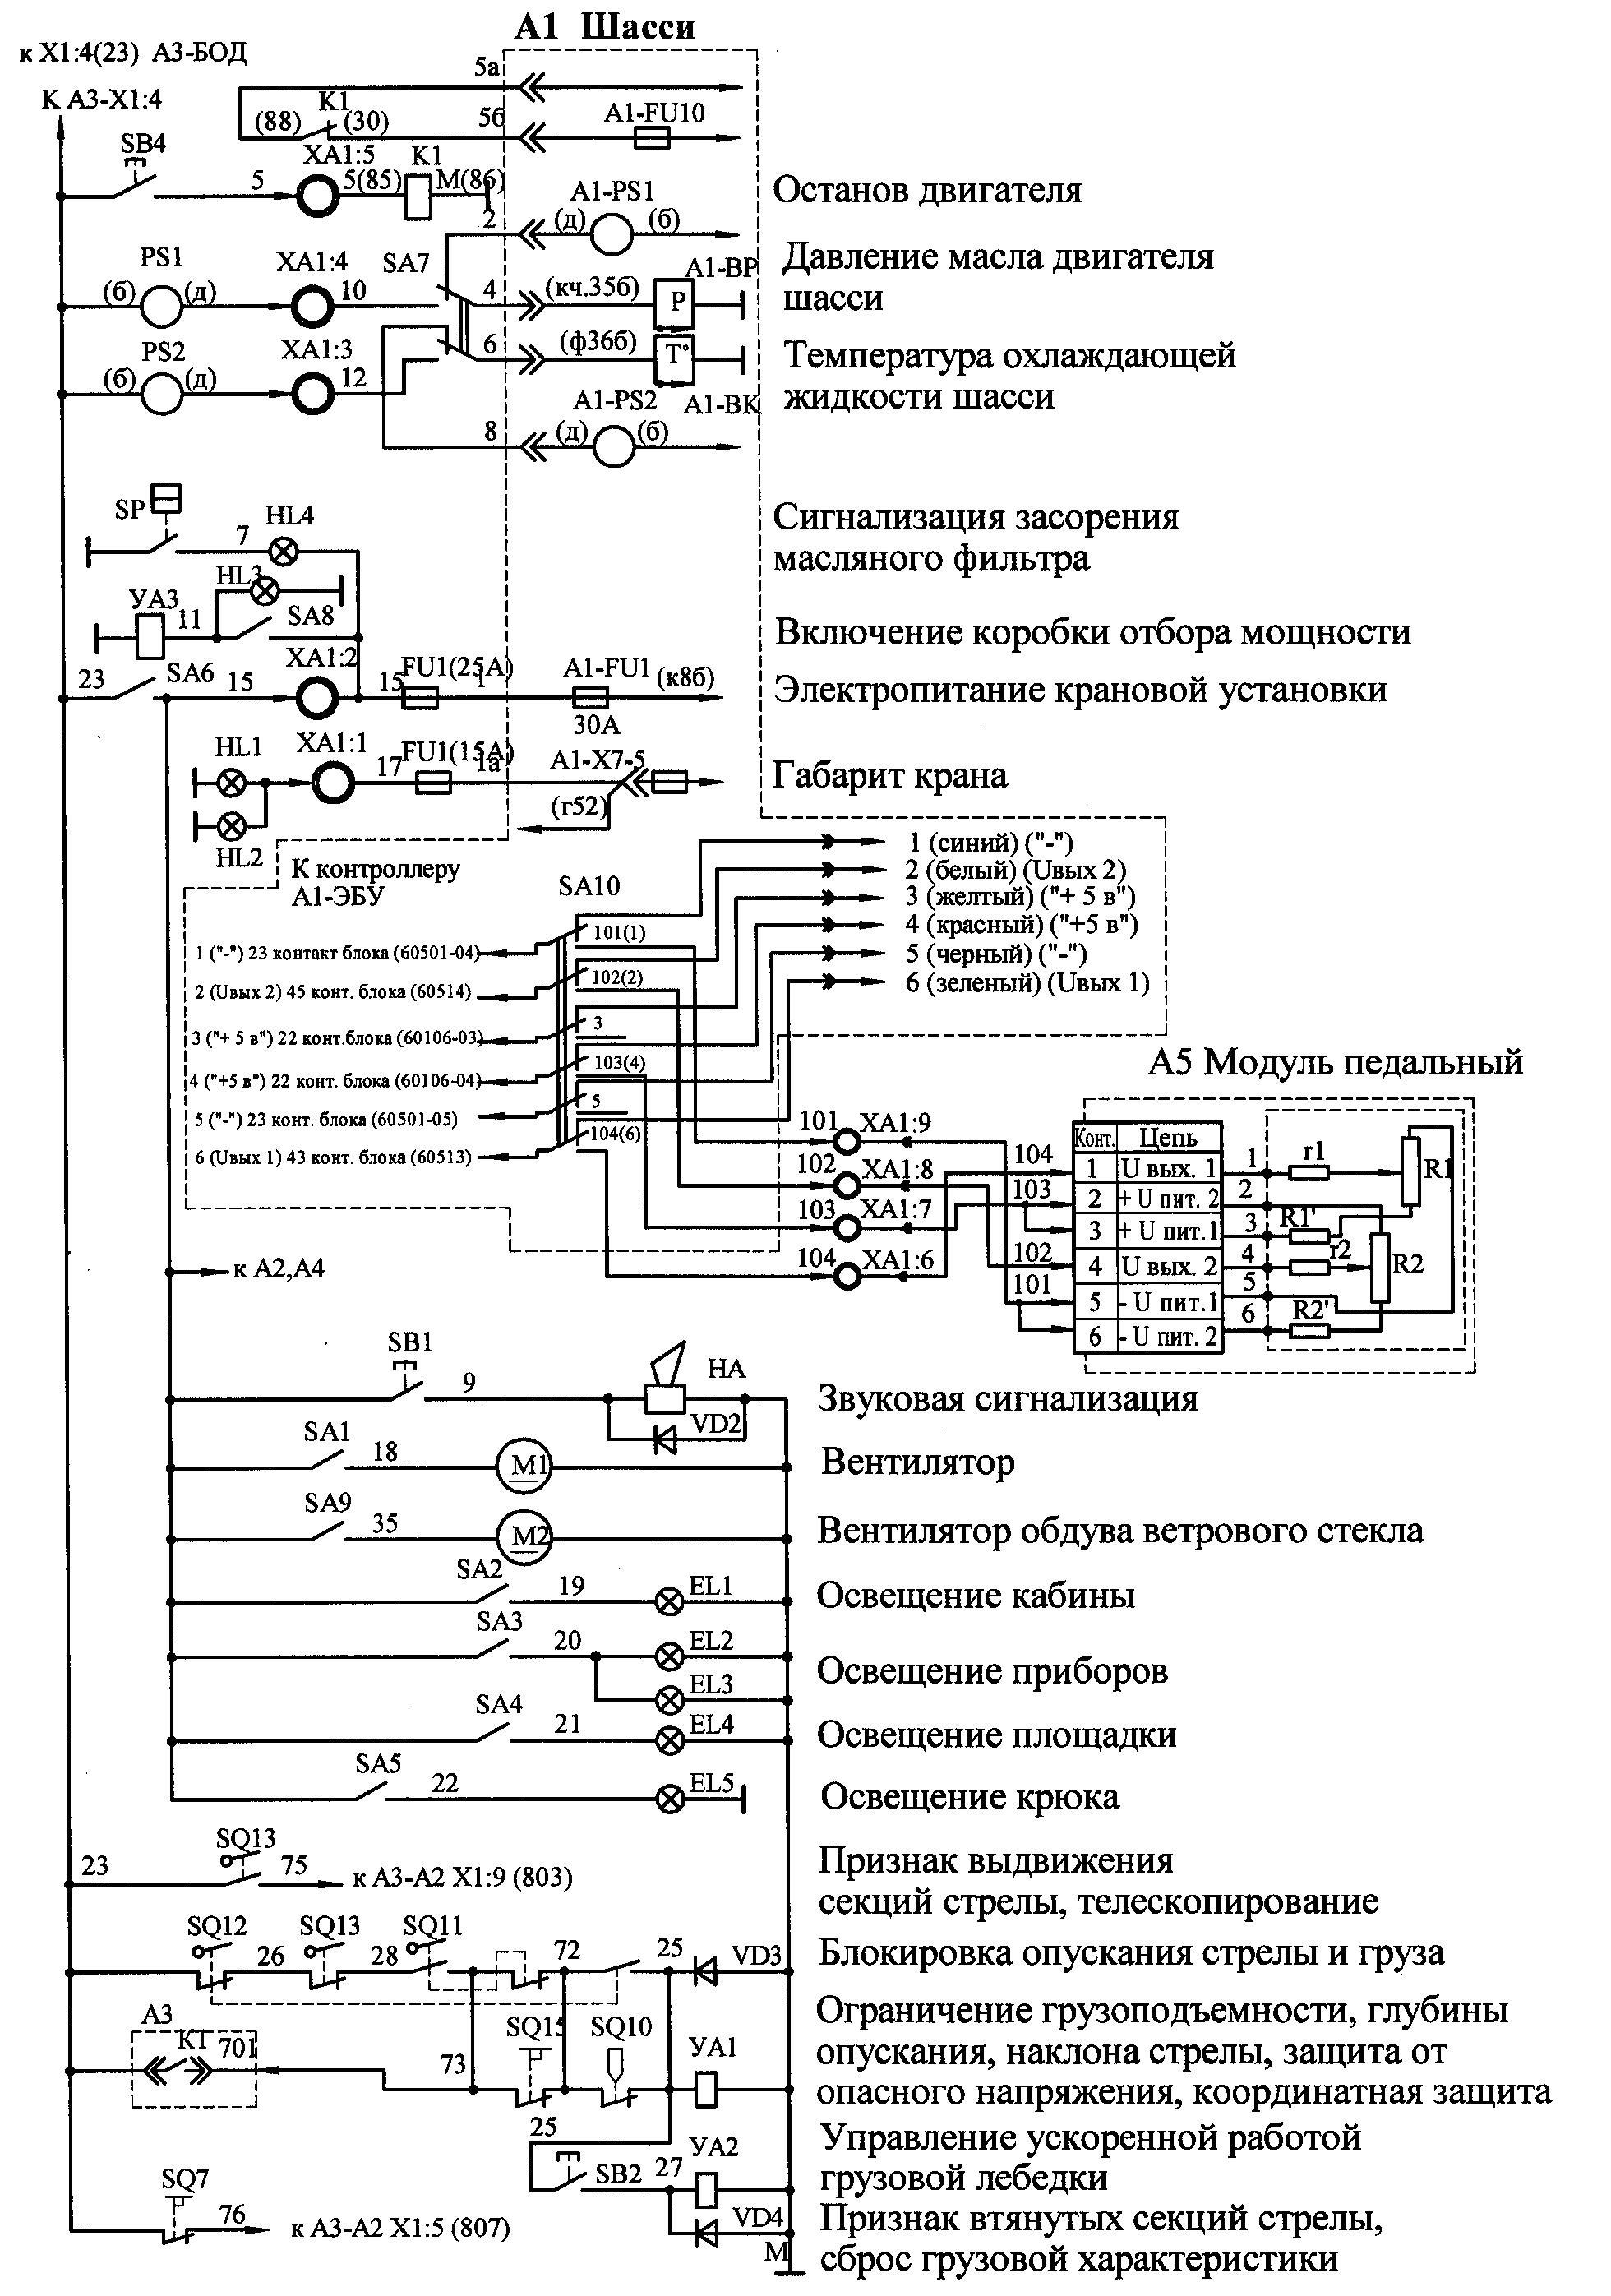 электрическая схема на кран кс 4561